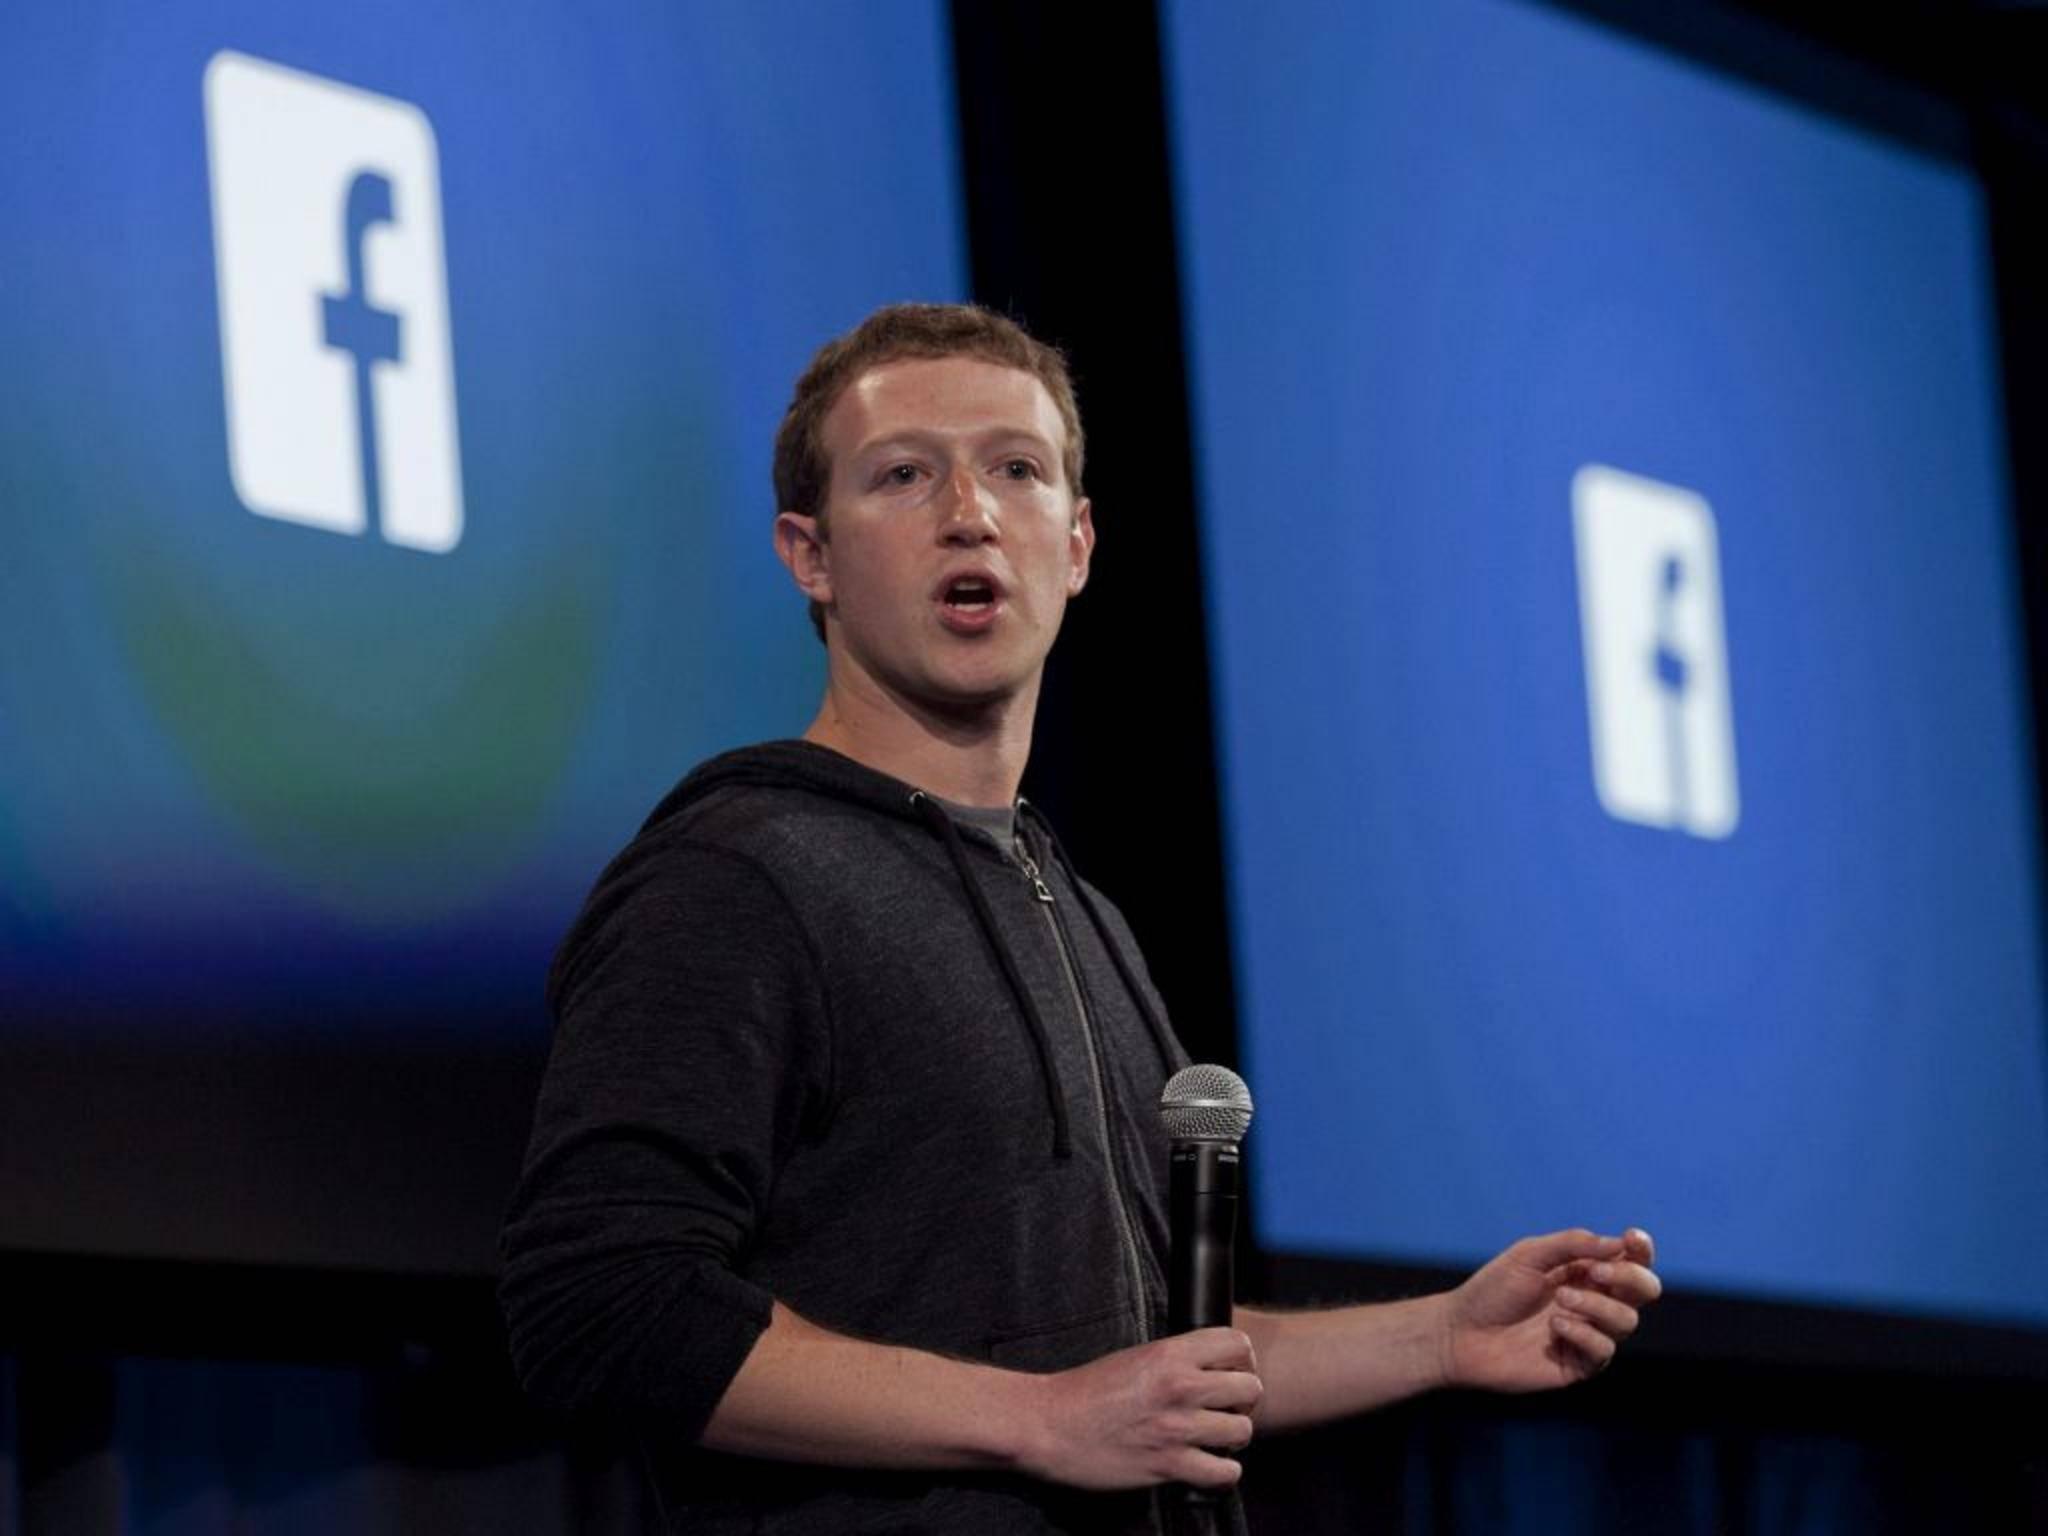 Facebook-Erfinder Mark Zuckerberg belegt mit 33,4 Milliarden Dollar Platz 4.